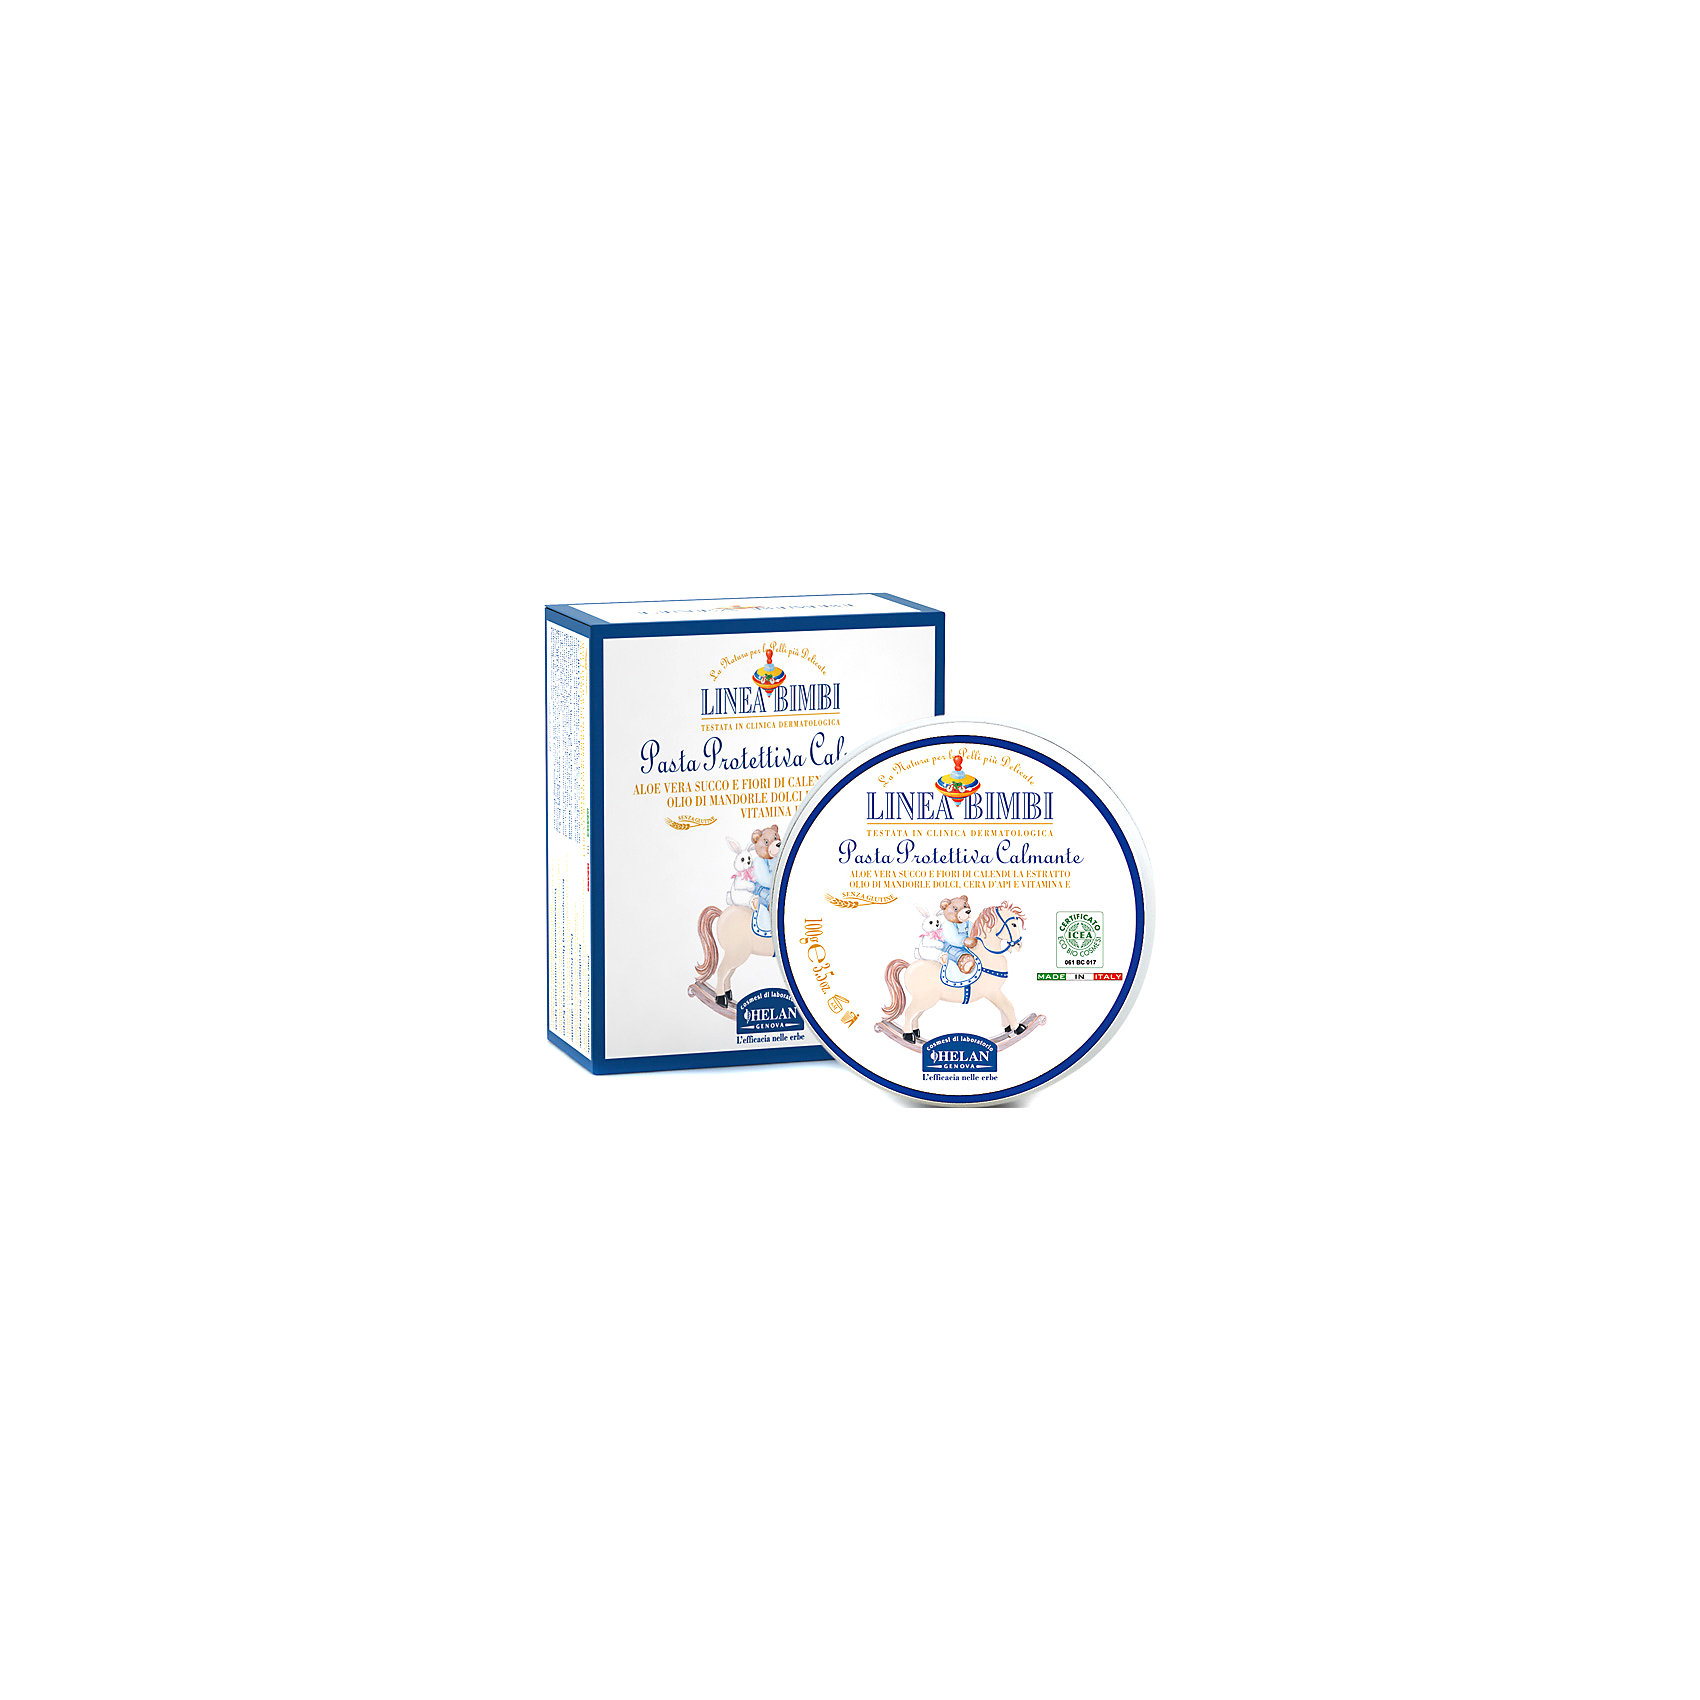 Крем увлажняющий и защищающий для зоны пеленания Linea Bimbi, 100 мл., HELANКрем увлажняющий и защищающий для зоны пеленания Linea Bimbi, 100 мл., HELAN (Хелан)<br><br>Характеристики:<br><br>• защищает от раздражения при использовании подгузников<br>• смягчает и питает кожу<br>• поддерживает естественный баланс кожи<br>• защищает от негативных внешних воздействий<br>• подходит для чувствительной кожи<br>• активные компоненты: экстракт календулы, сок алоэ-вера, масло сладкого миндаля, пчелиный воск, витамин Е<br>• объем: 100 мл<br>• размер упаковки: 10х10х5 см<br>• вес: 204 грамма<br><br>При использовании подгузников у малышей нередко возникает раздражение на коже. Защитный крем Linea Bimbi поможет вам защитить кожу малыша. Он бережно смягчает и питает кожу ребёнка, защищая её от внешнего воздействия. Активные компоненты на растительной основе обеспечивают нормальный уровень увлажнения. Крем подходит для детей с рождения, а также для сверхчувствительной кожи.<br><br>Крем увлажняющий и защищающий для зоны пеленания Linea Bimbi, 100 мл., HELAN (Хелан) можно купить в нашем интернет-магазине.<br><br>Ширина мм: 50<br>Глубина мм: 100<br>Высота мм: 100<br>Вес г: 204<br>Возраст от месяцев: -2147483648<br>Возраст до месяцев: 2147483647<br>Пол: Унисекс<br>Возраст: Детский<br>SKU: 5401702